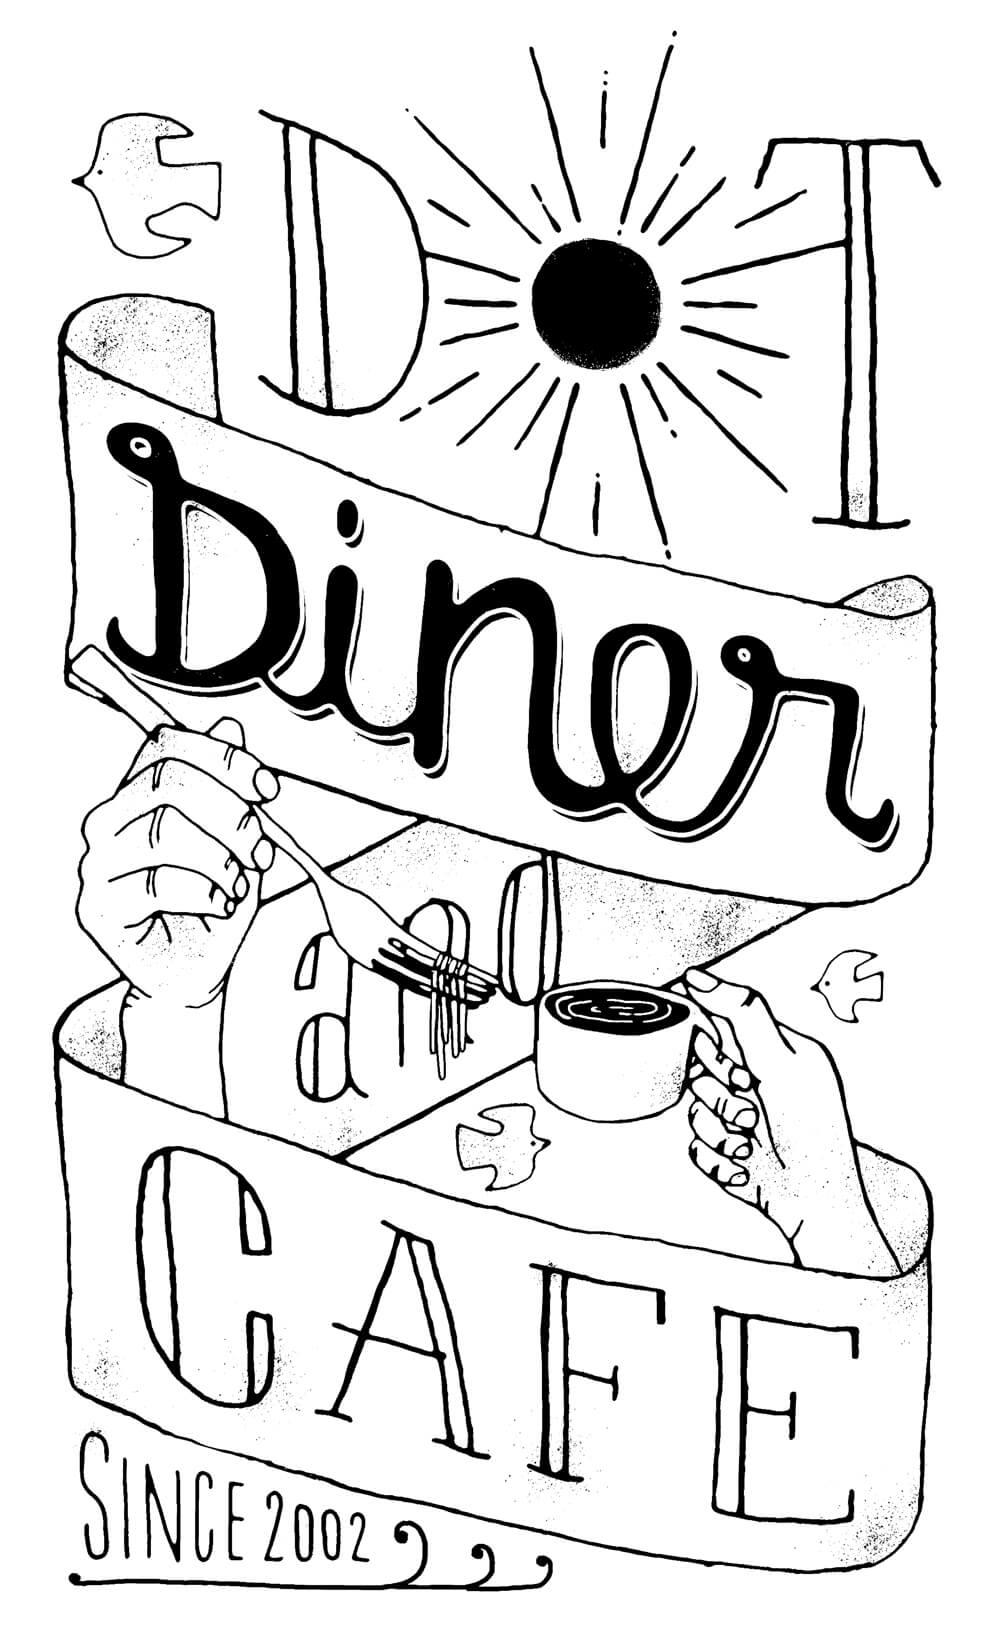 DOT DINER [T-SHIRTS]